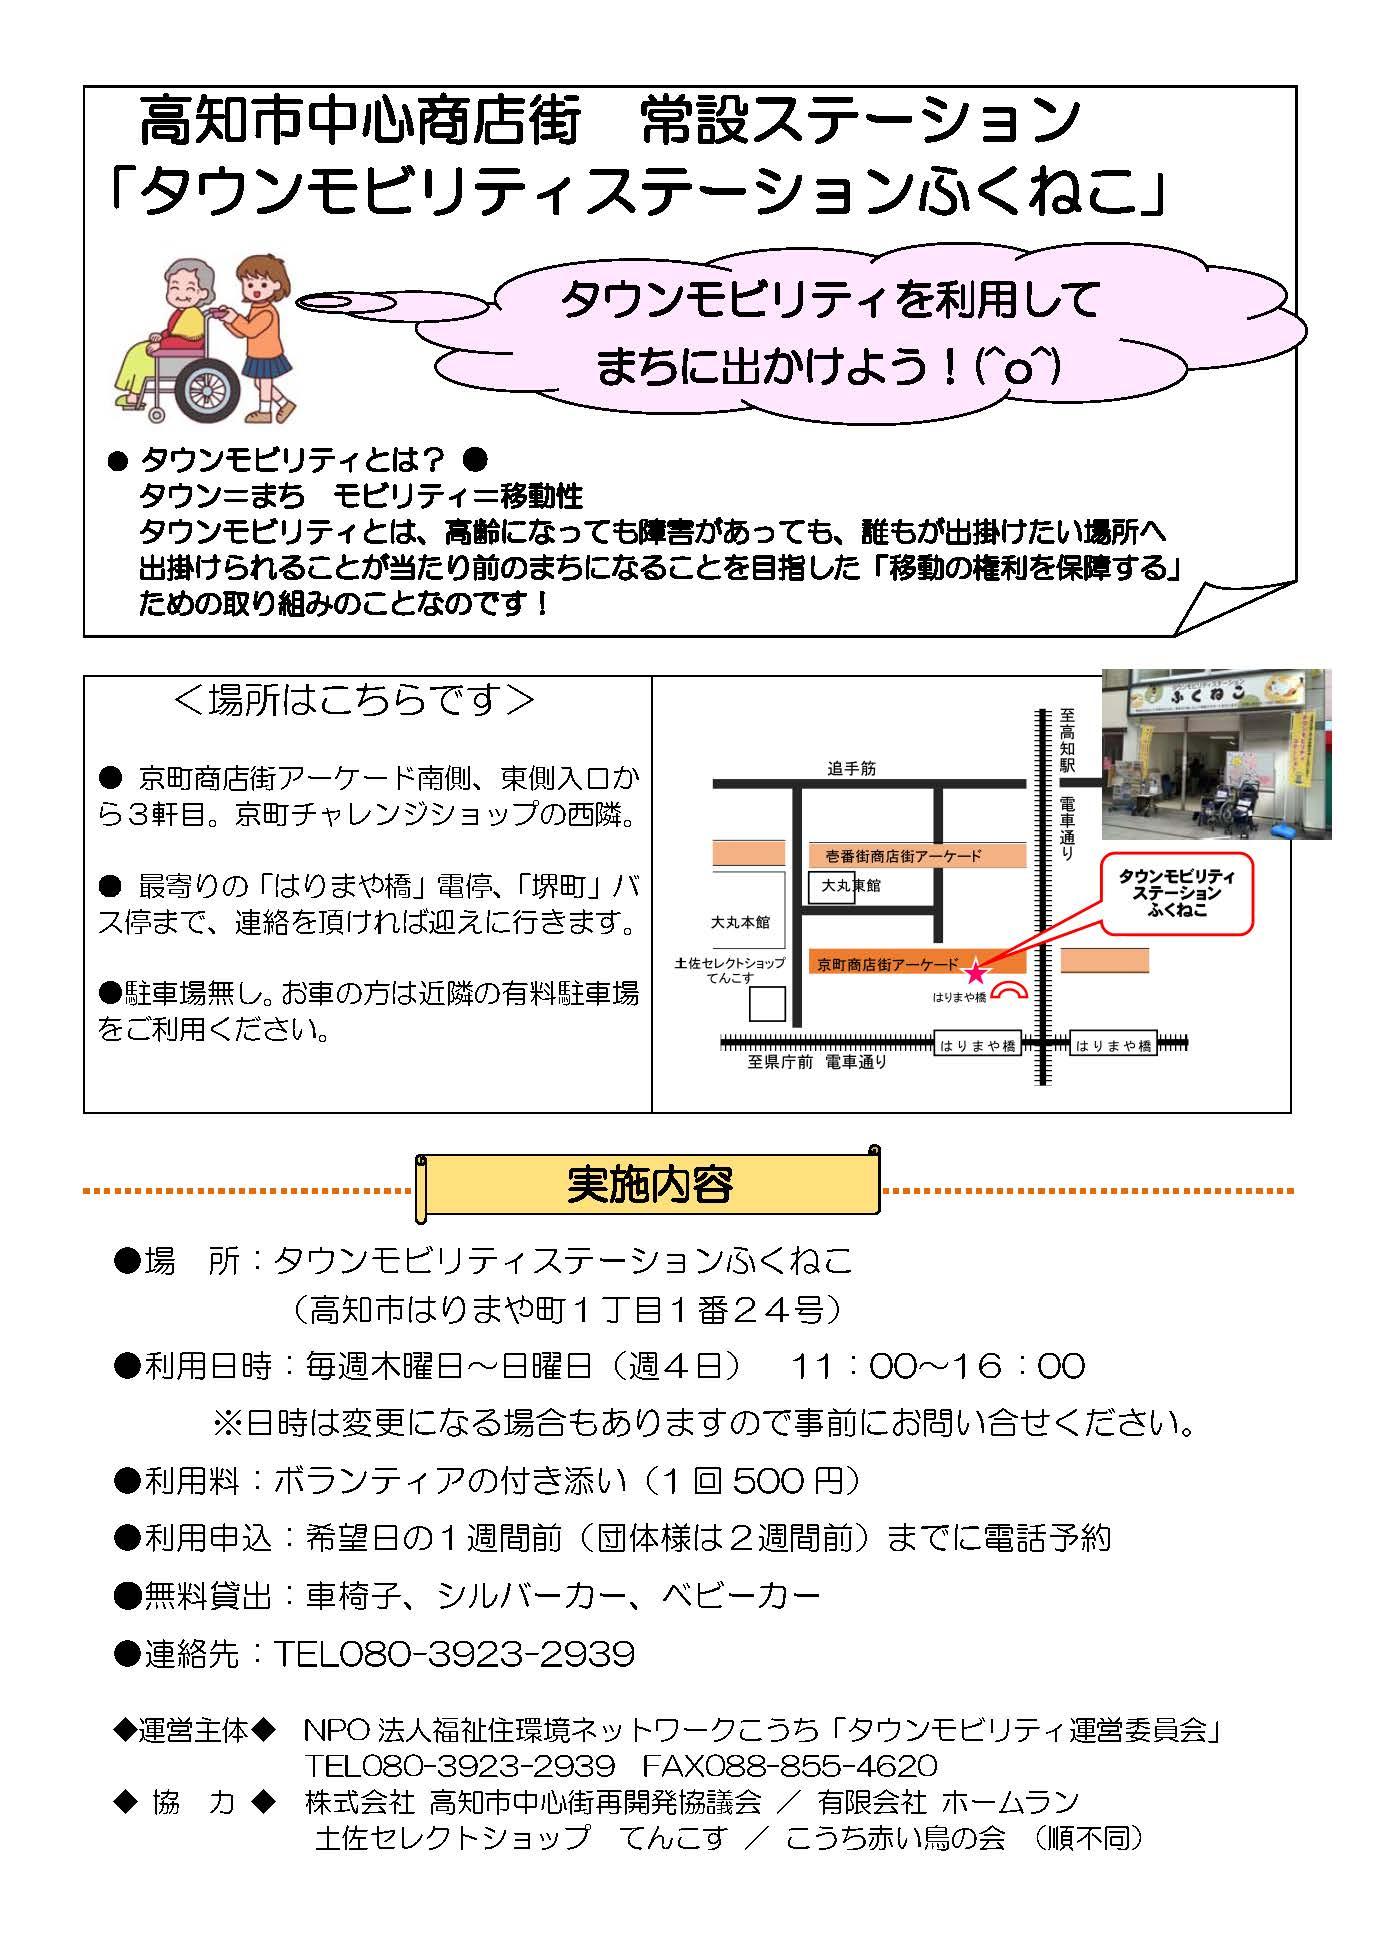 2016年タウンモビリティチラシ(4月)修_ページ_1